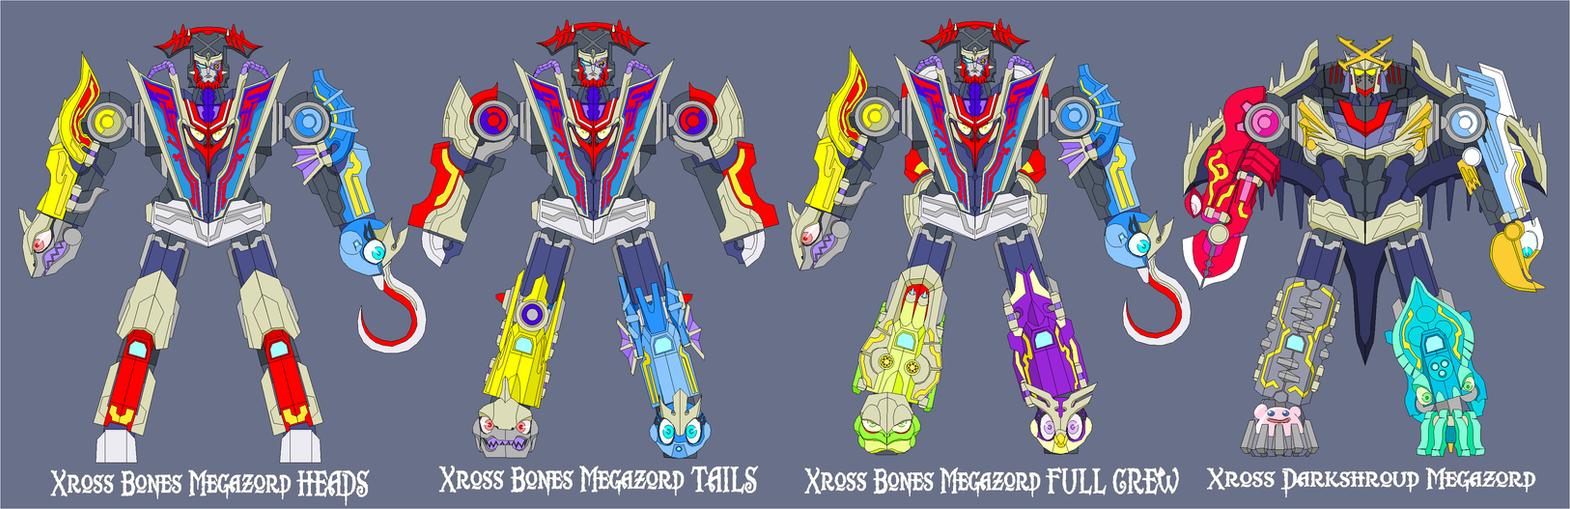 Xross Bones Megazord by Tyrranux on DeviantArt